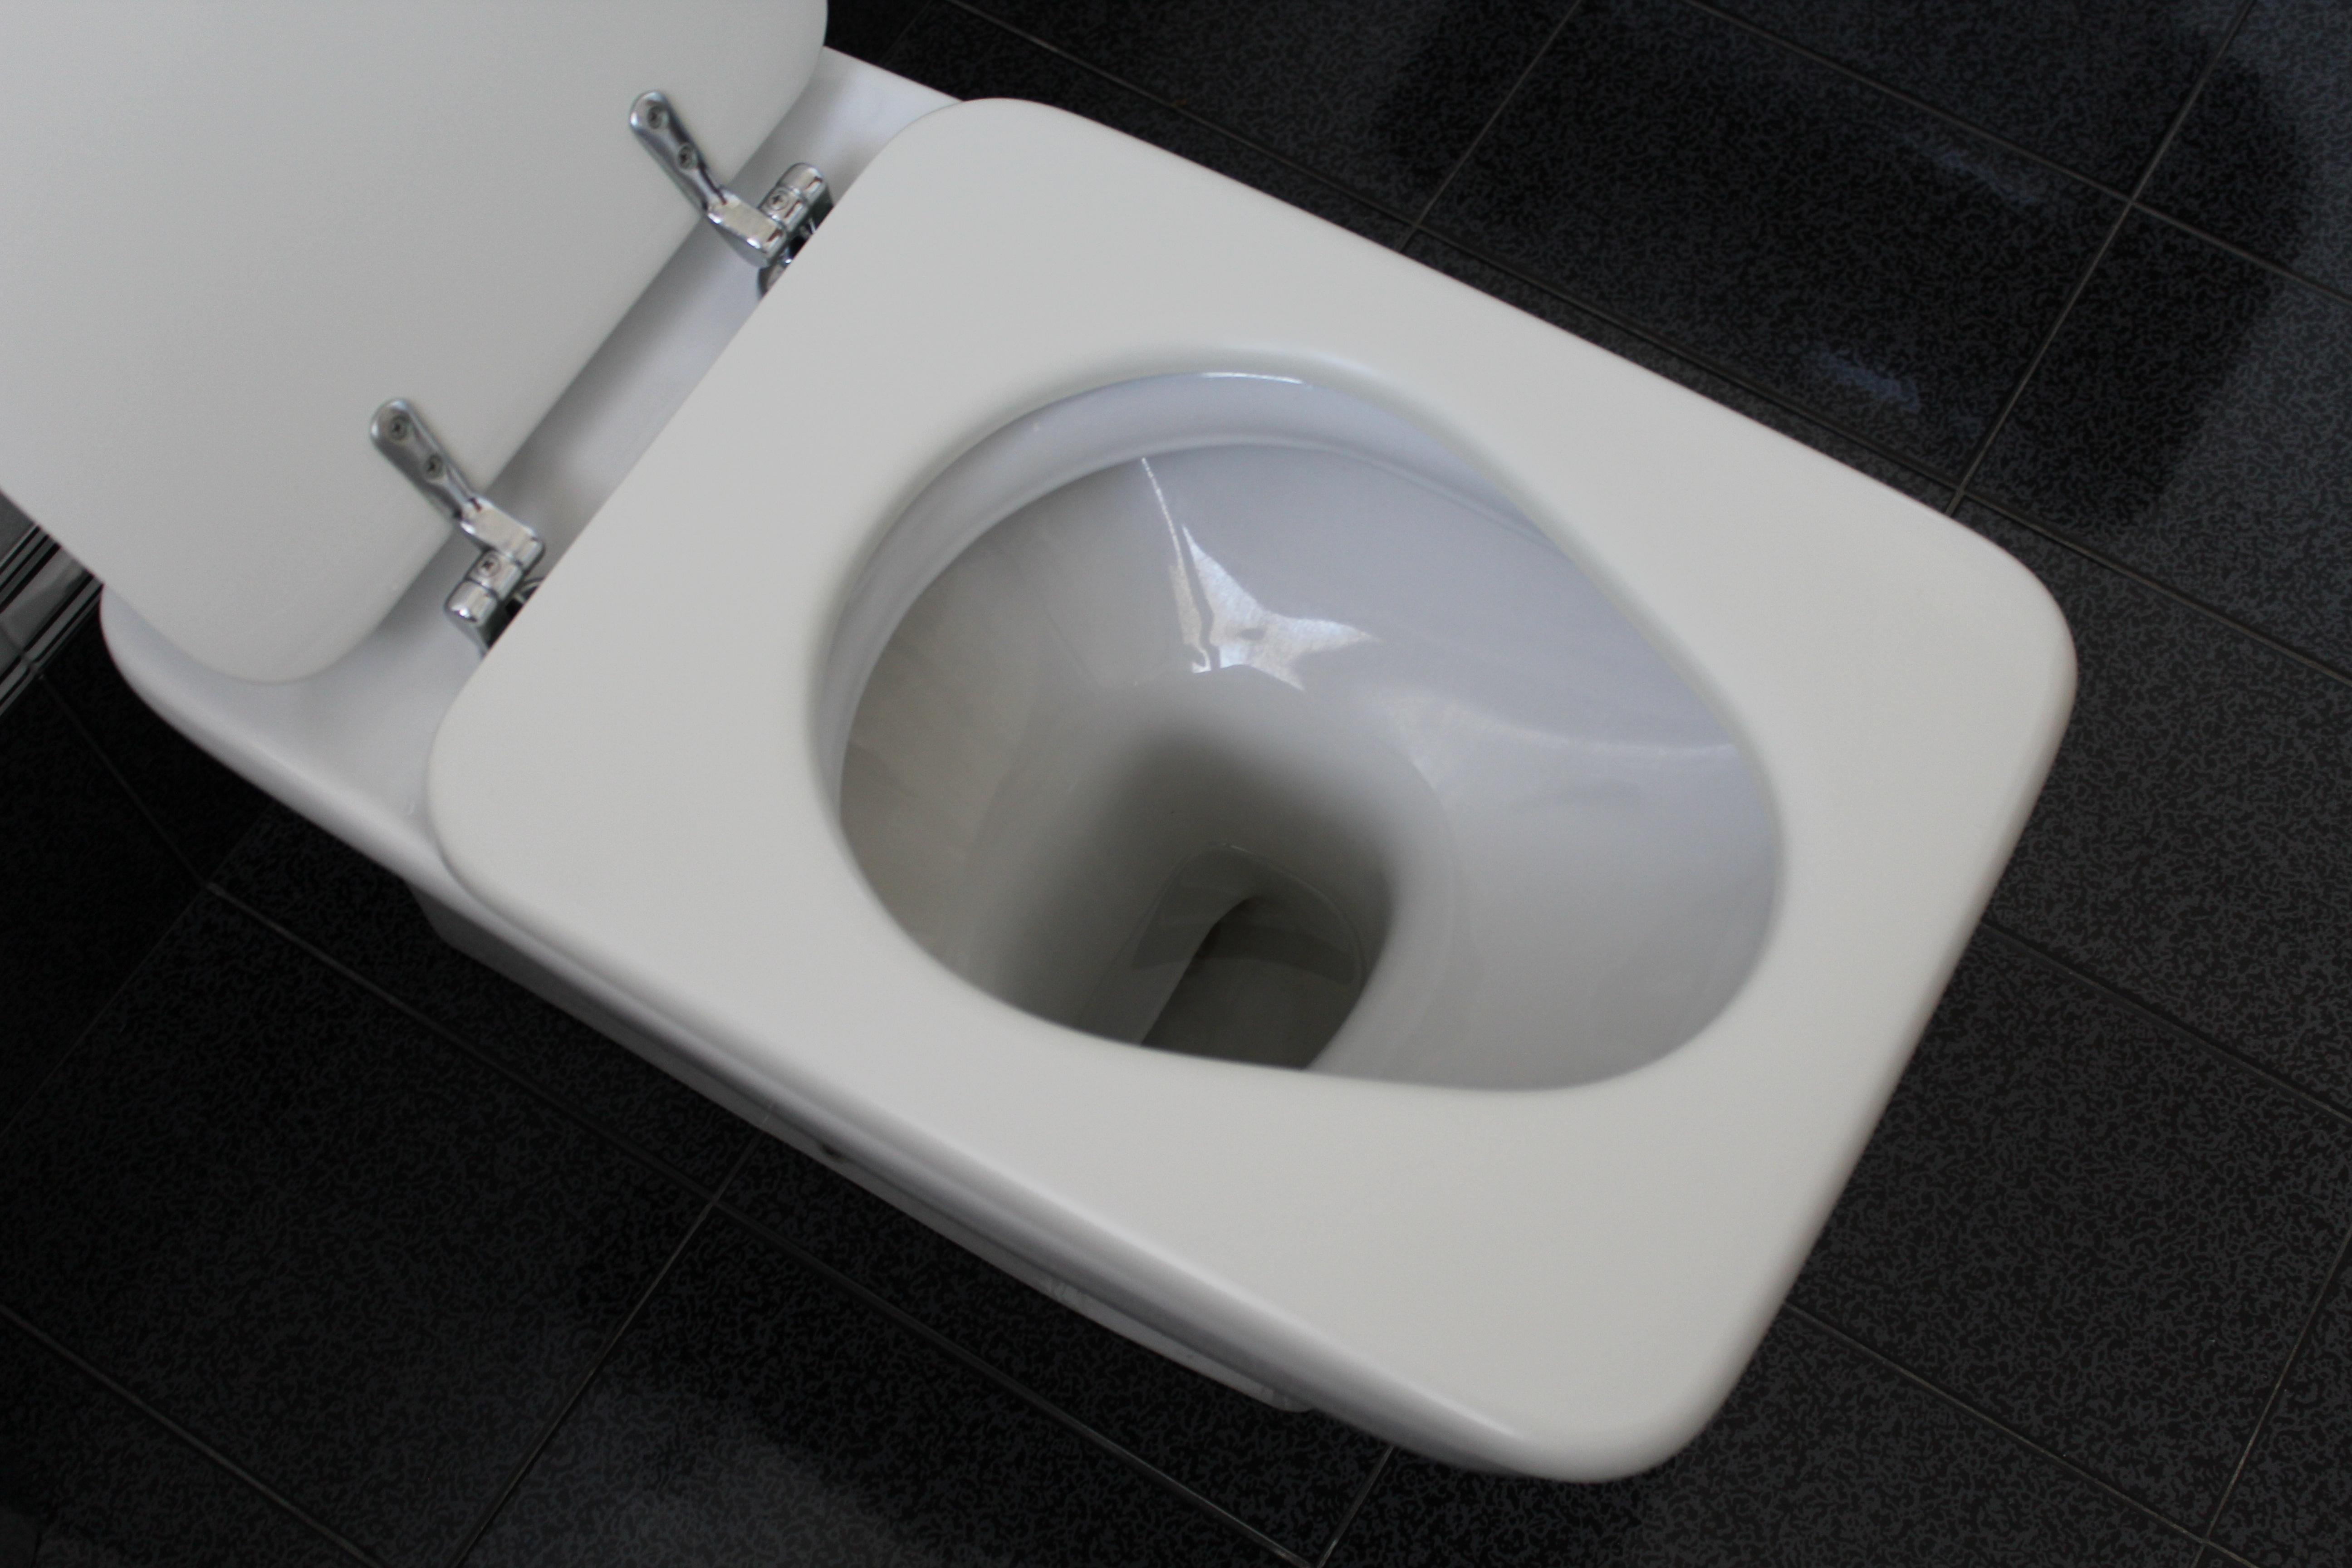 badekar med kabinett Bildet : kopp, tablett, keramisk, ren, toalett, synke, prosess  badekar med kabinett